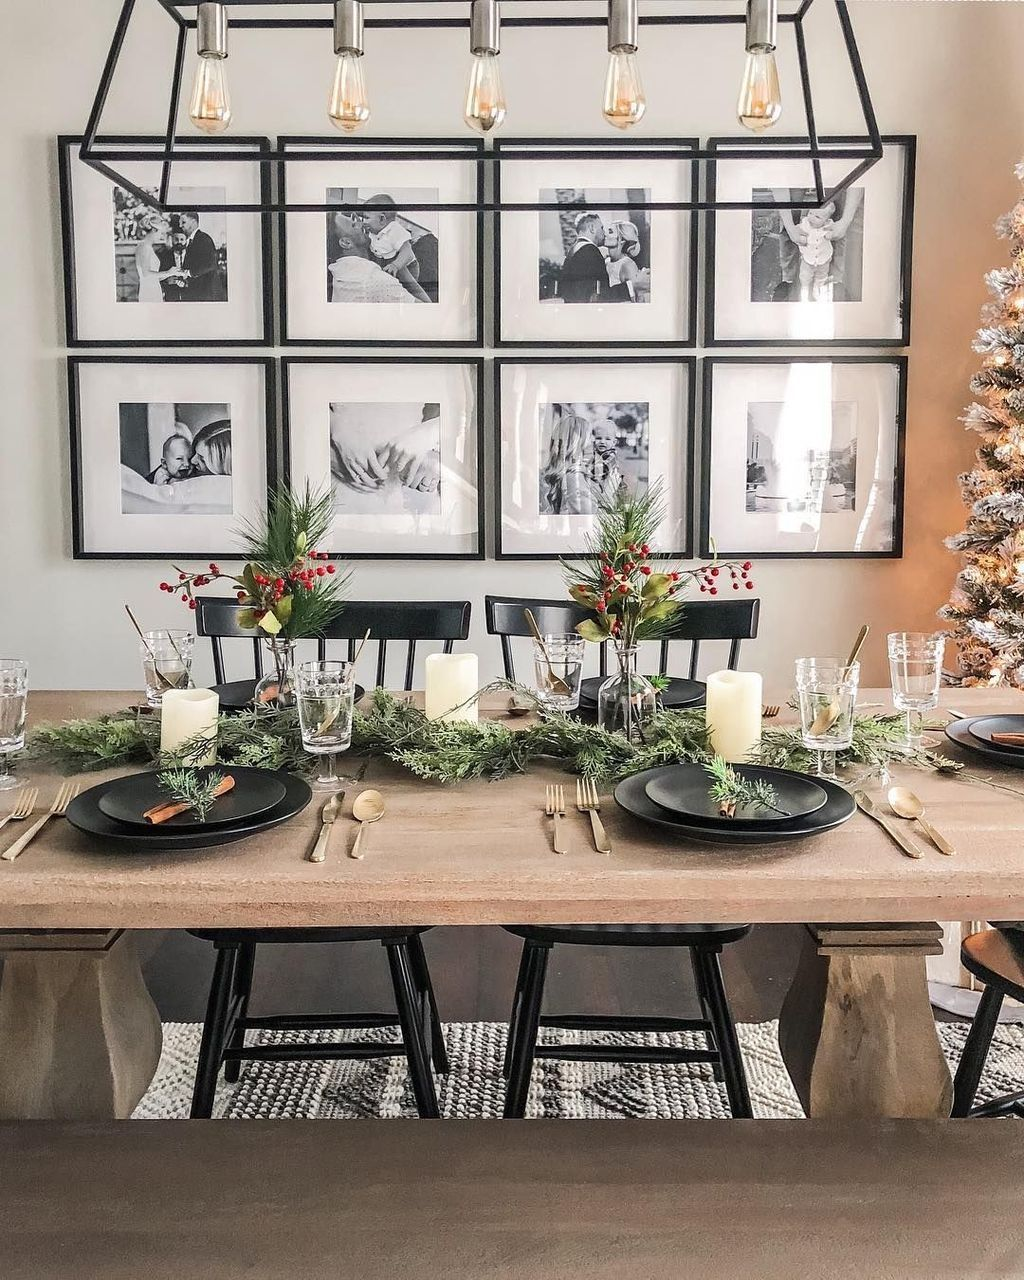 40 Elegant Dining Room Decoration Ideas For Family Farmhouse Dining Room Set Family Dining Room Decor Dining Room Walls